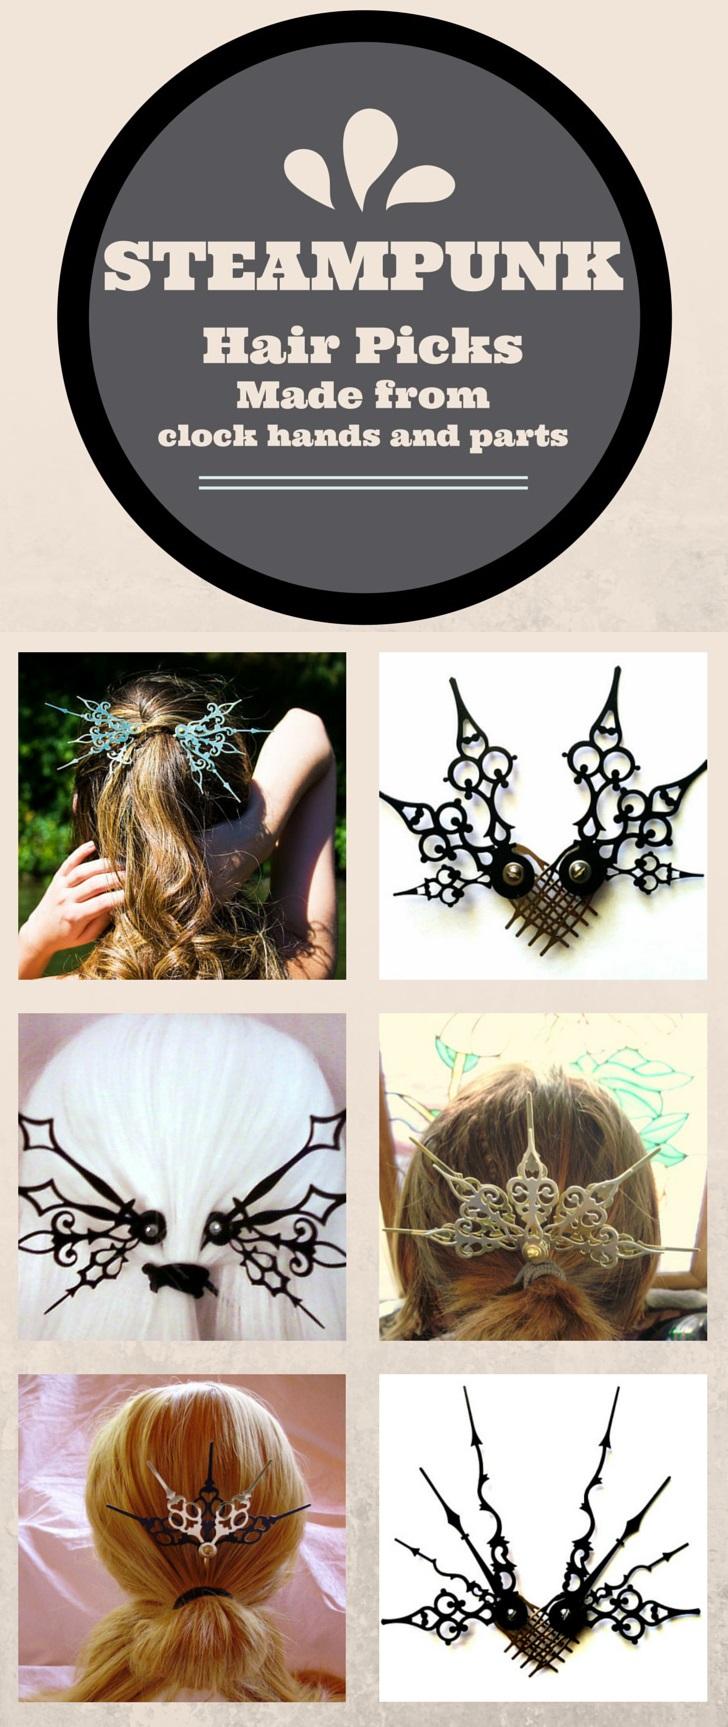 Steampunk Hair Picks